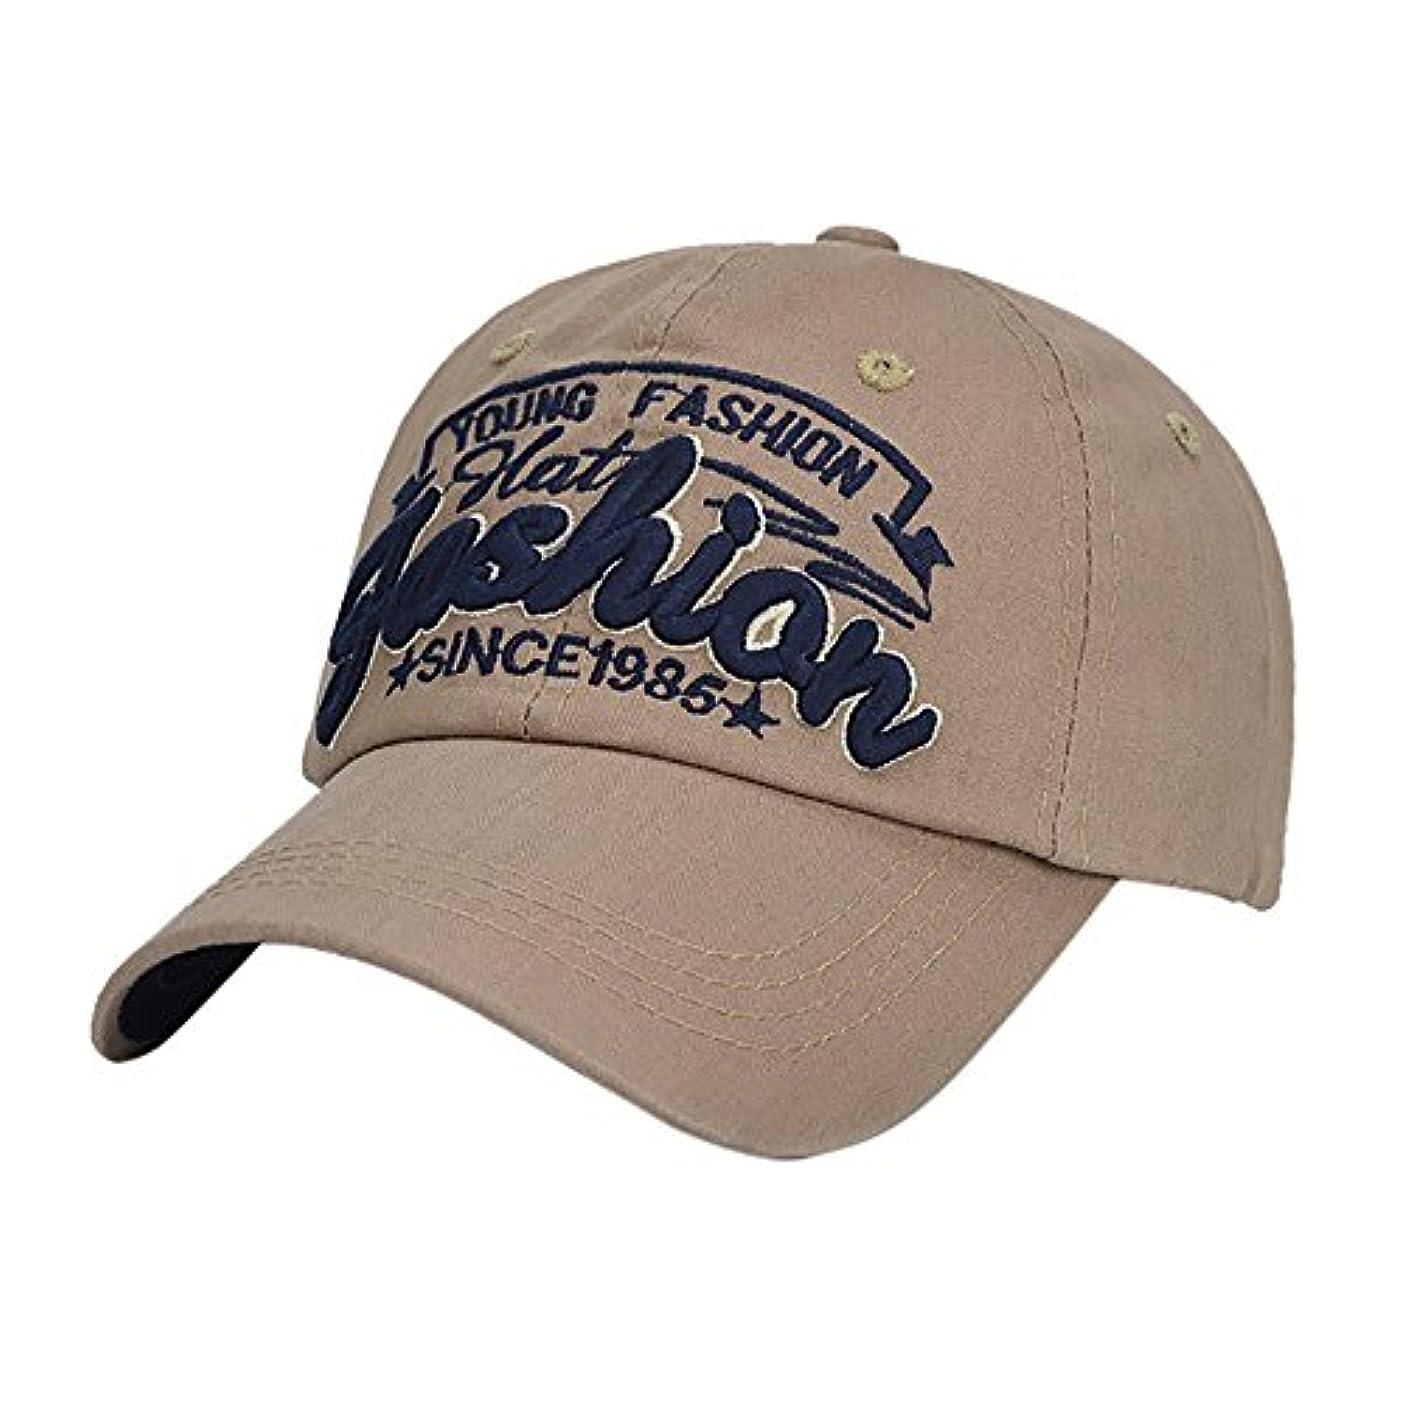 正当化する伝説ずっとRacazing Cap ヒップホップ 野球帽 ストリートダンス 夏 登山 通気性のある 帽子 パール ビーディング 可調整可能 日焼け止め 棒球帽 UV 帽子 軽量 屋外 女性向 Hat (コーヒー)